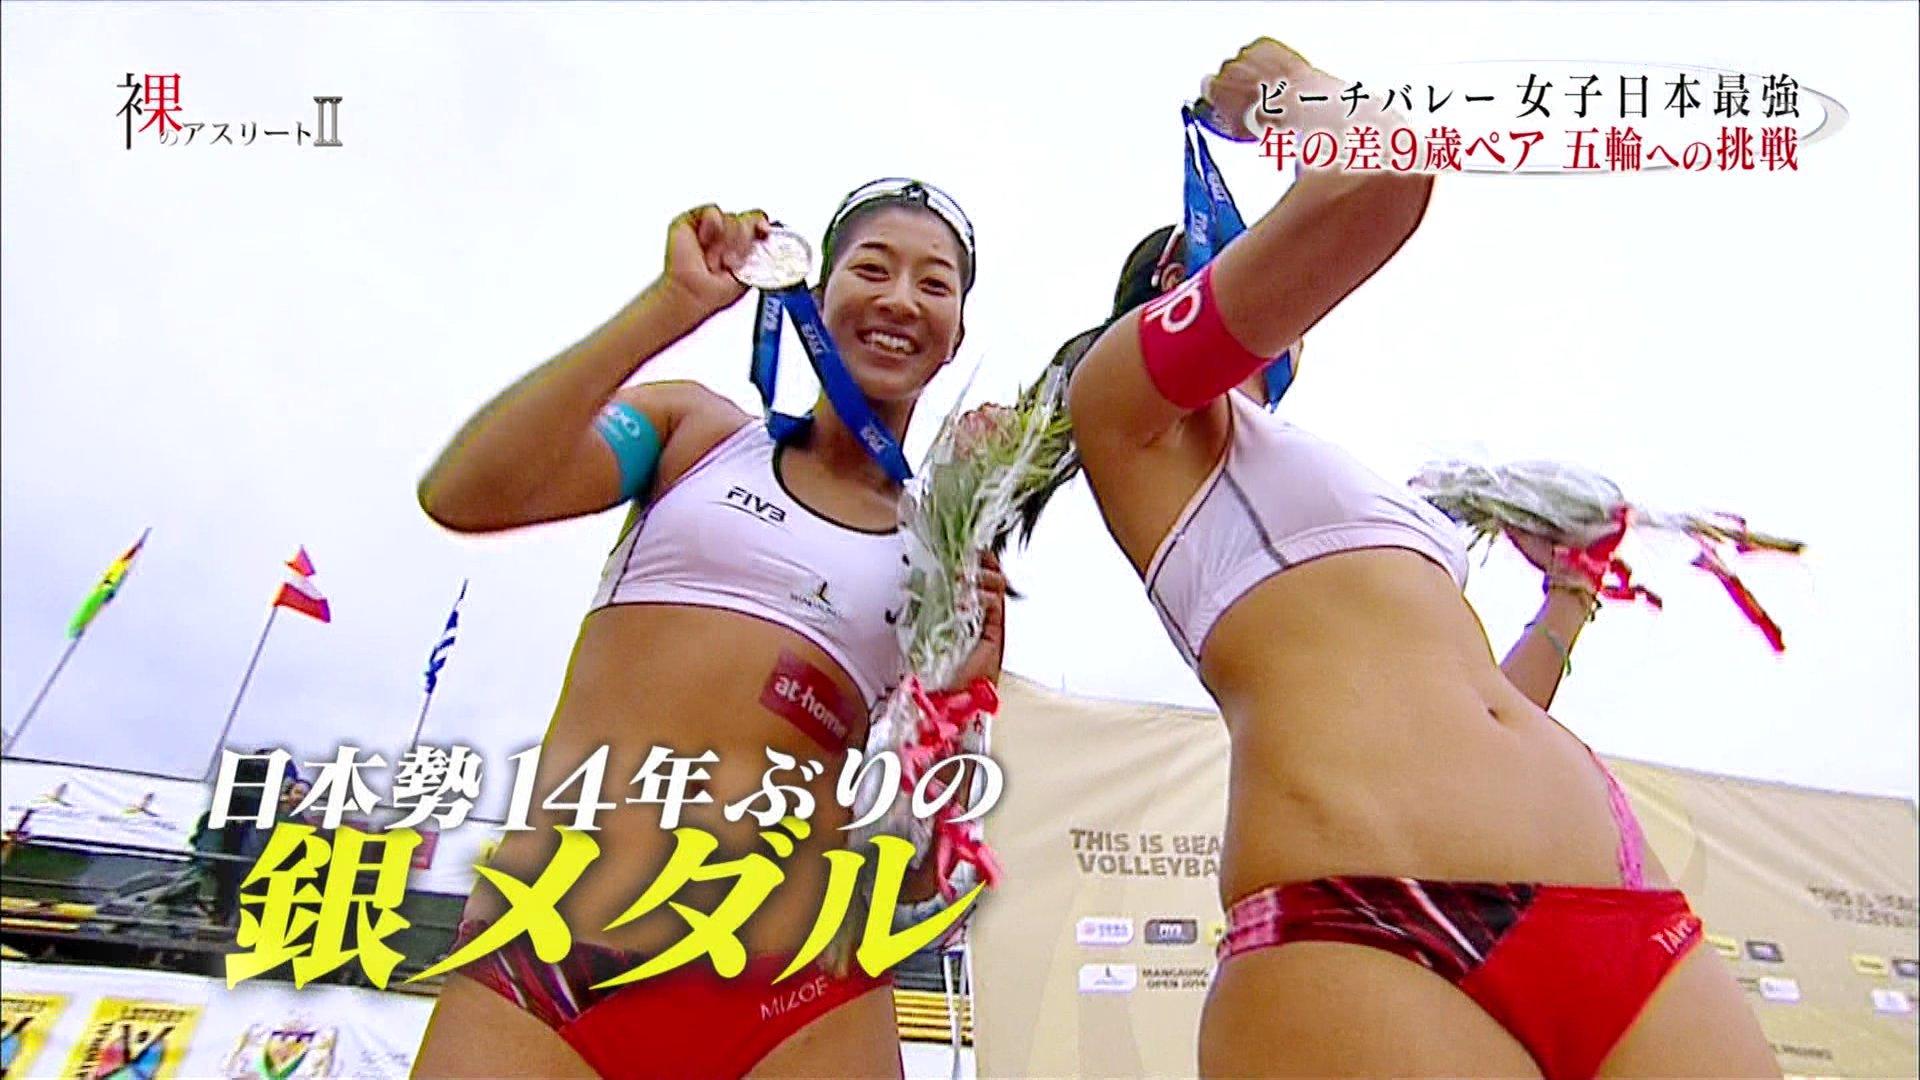 西堀健実 溝江明香 ビーチバレー 0010